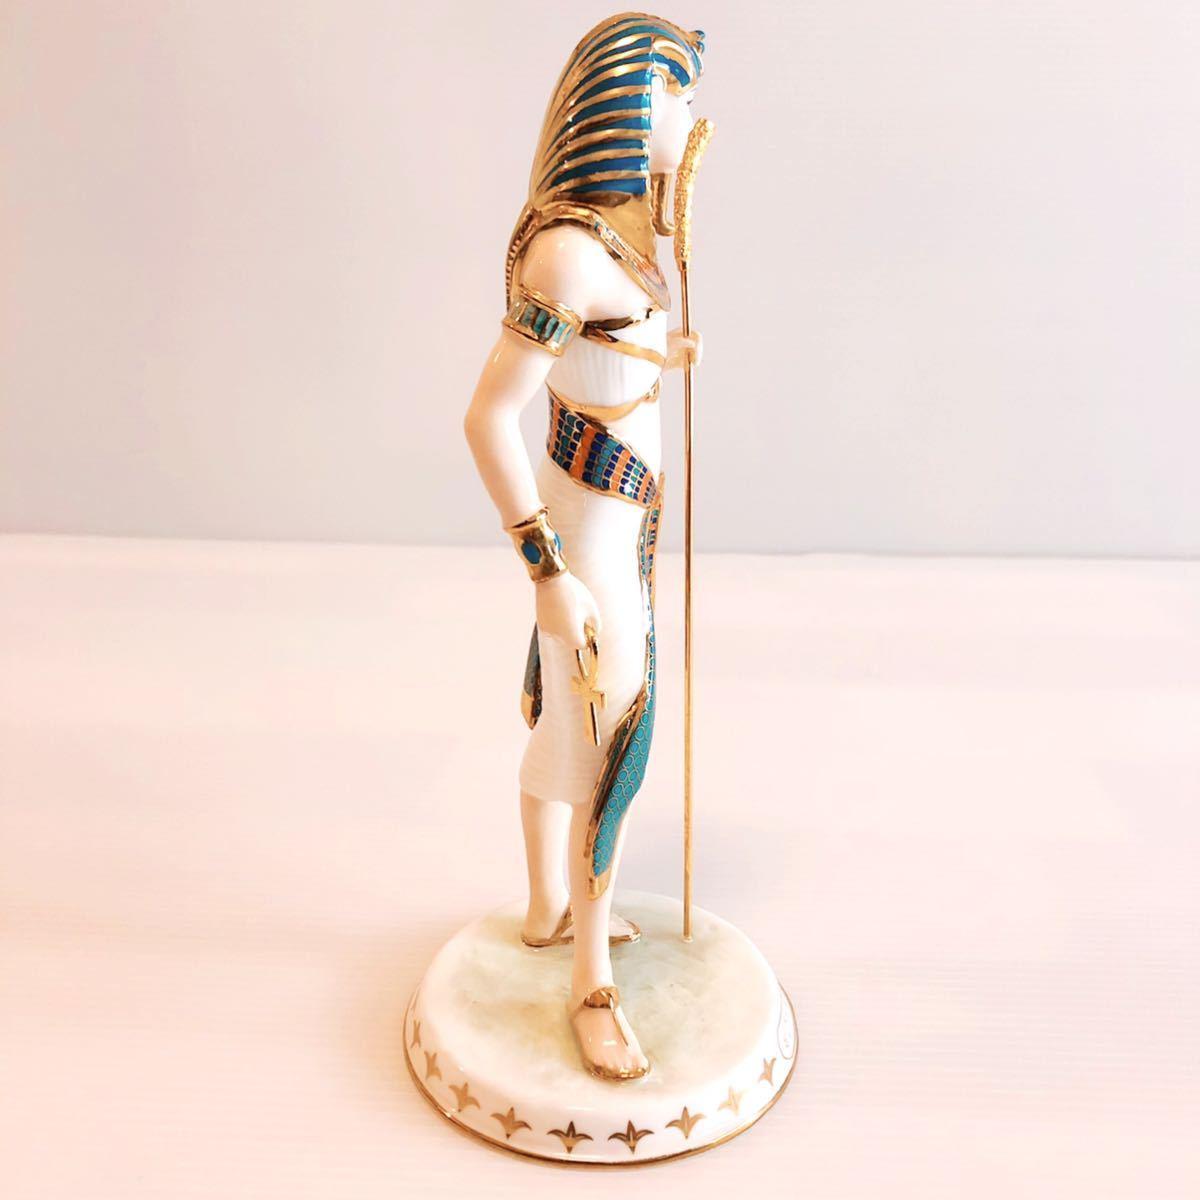 【貴重】WEDGWOOD/ツタンカーメン/The Boy King/Tutankhamun/ウェッジウッド/激レア/英国製/イギリス/置物 /限定品/陶器人形/フィギュア_画像5